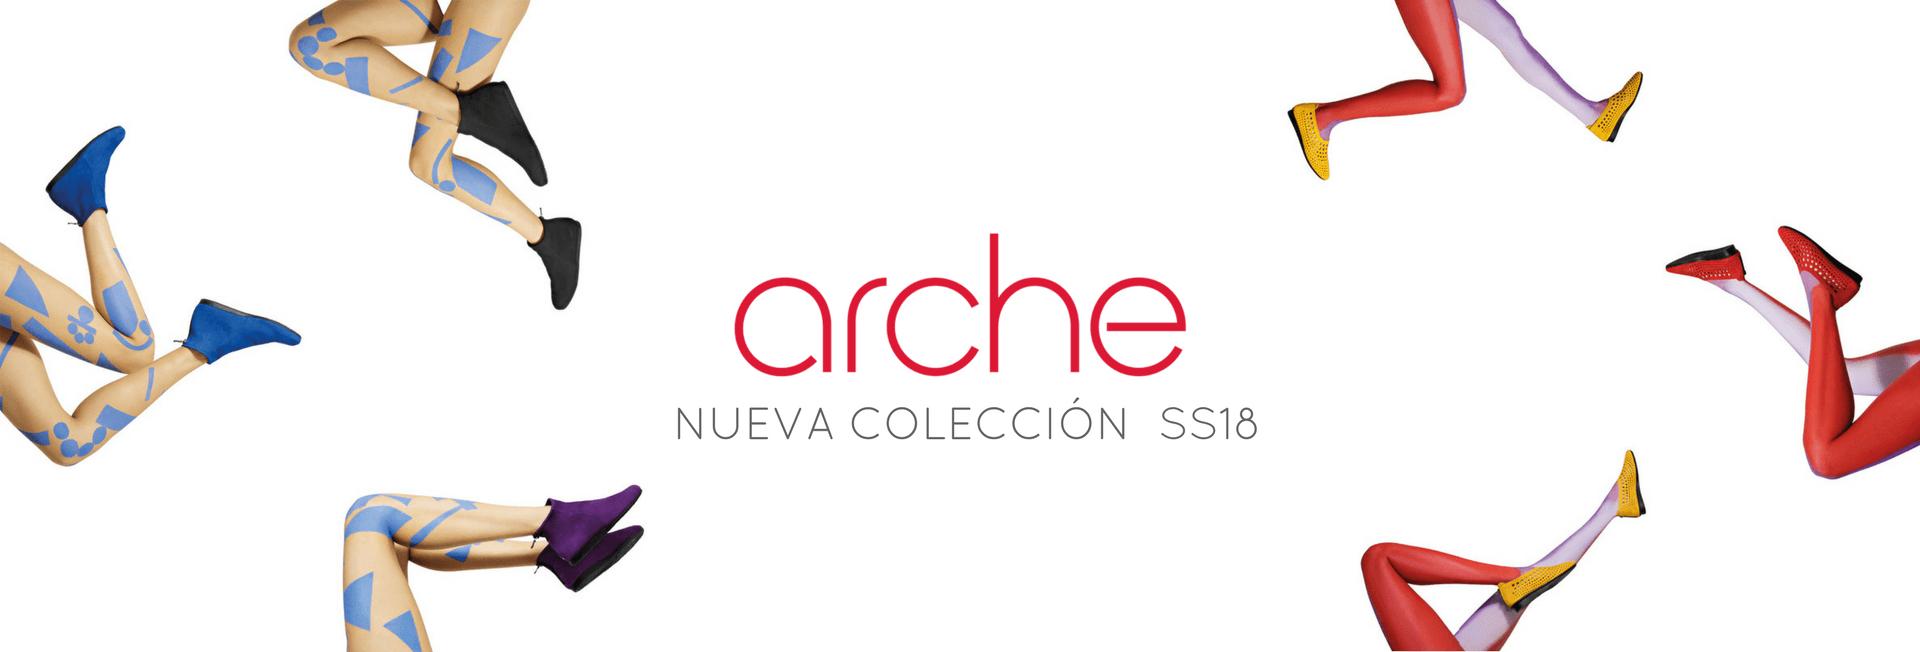 Nueva Colección Arche